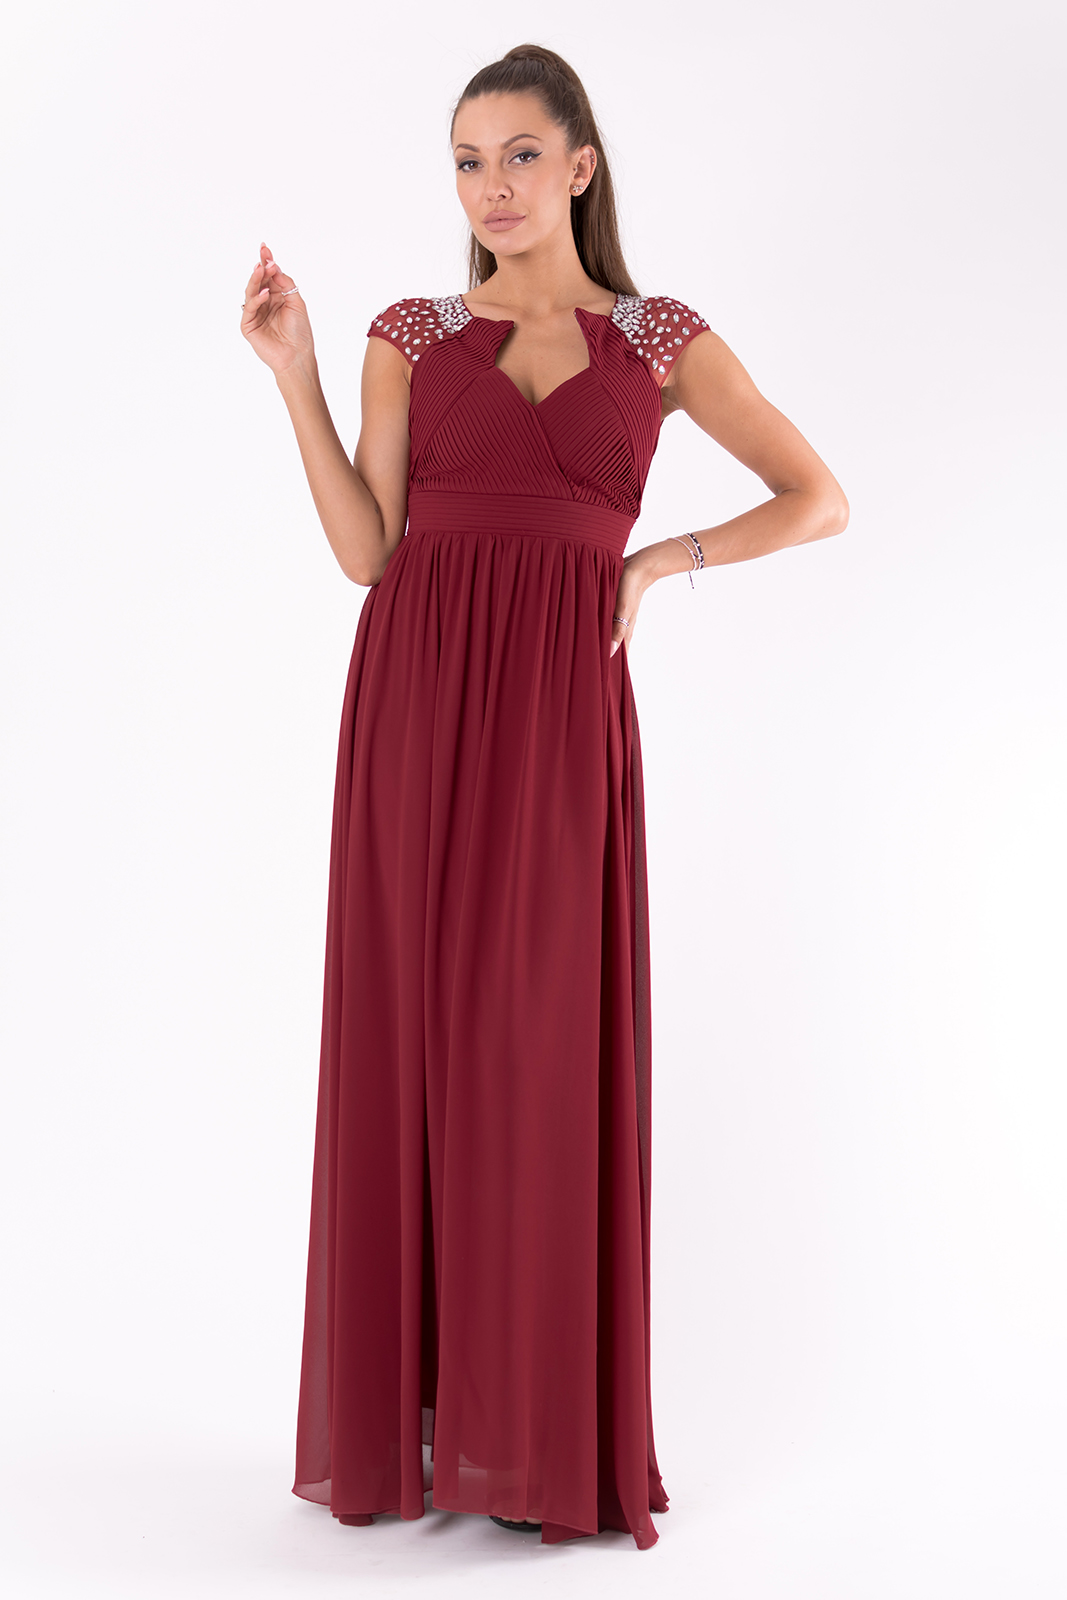 PINK BOOM Večerní šaty s holými zády a třpytivými kamínky plesové šaty Barva: Vínová, Velikost: S